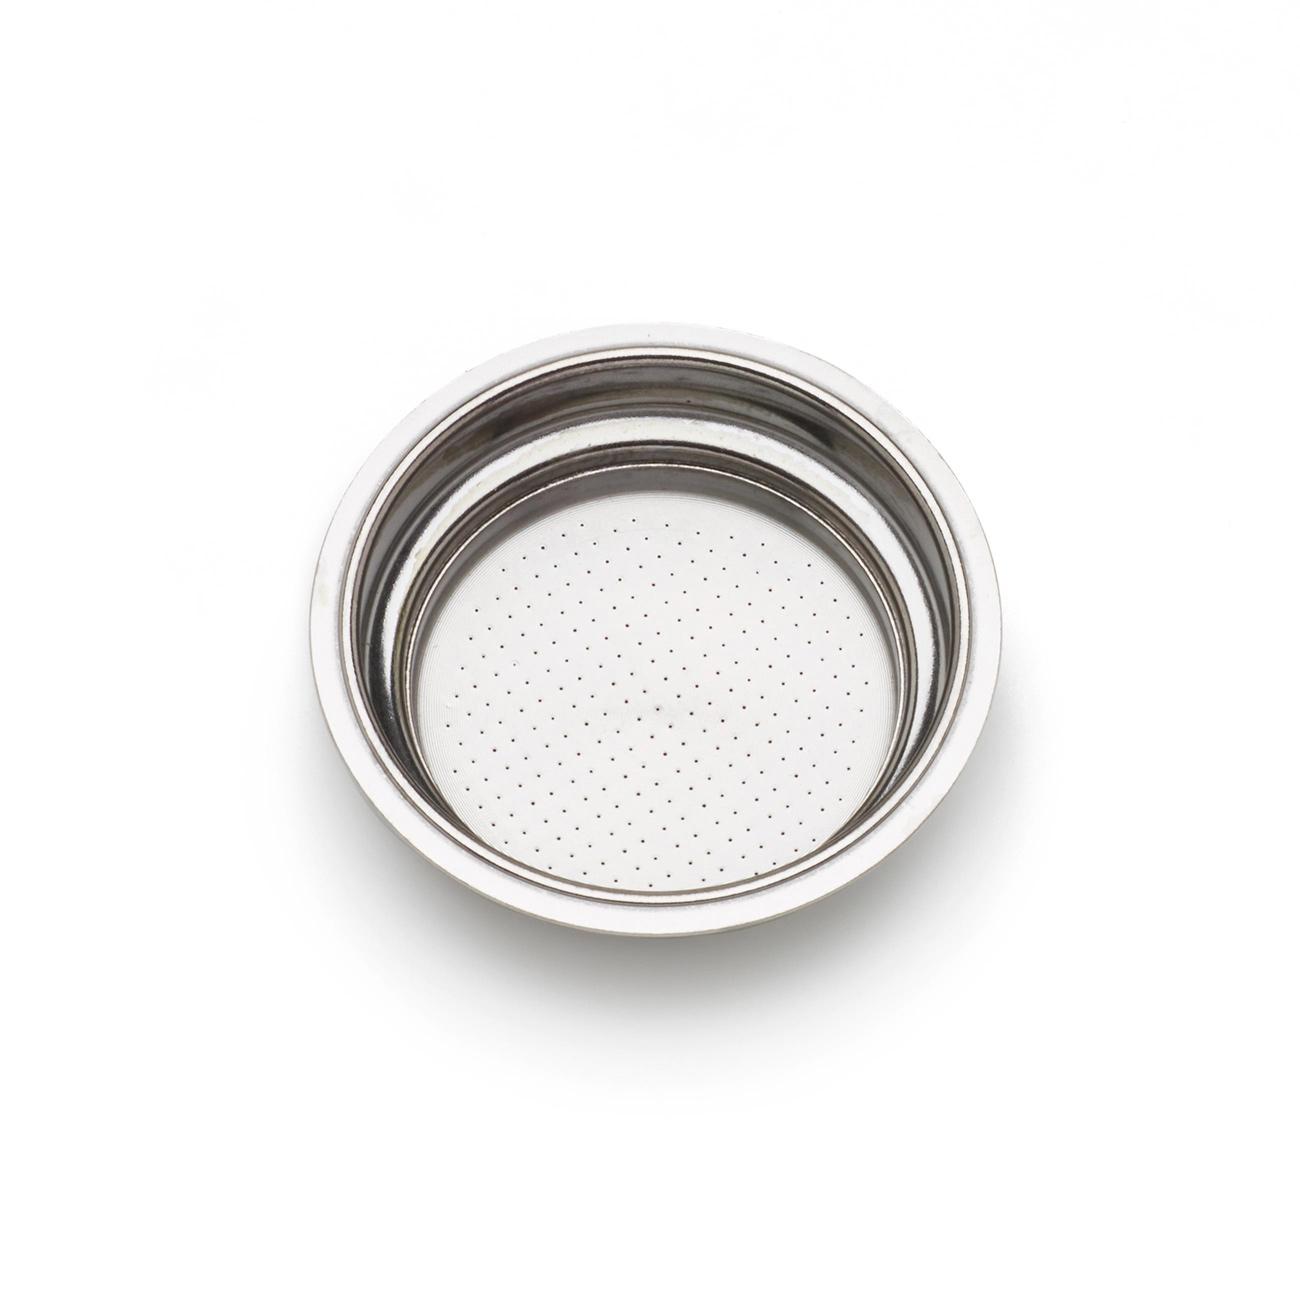 Breville 50mm ESE POD Filter Basket for the See more details below 800ESXL....